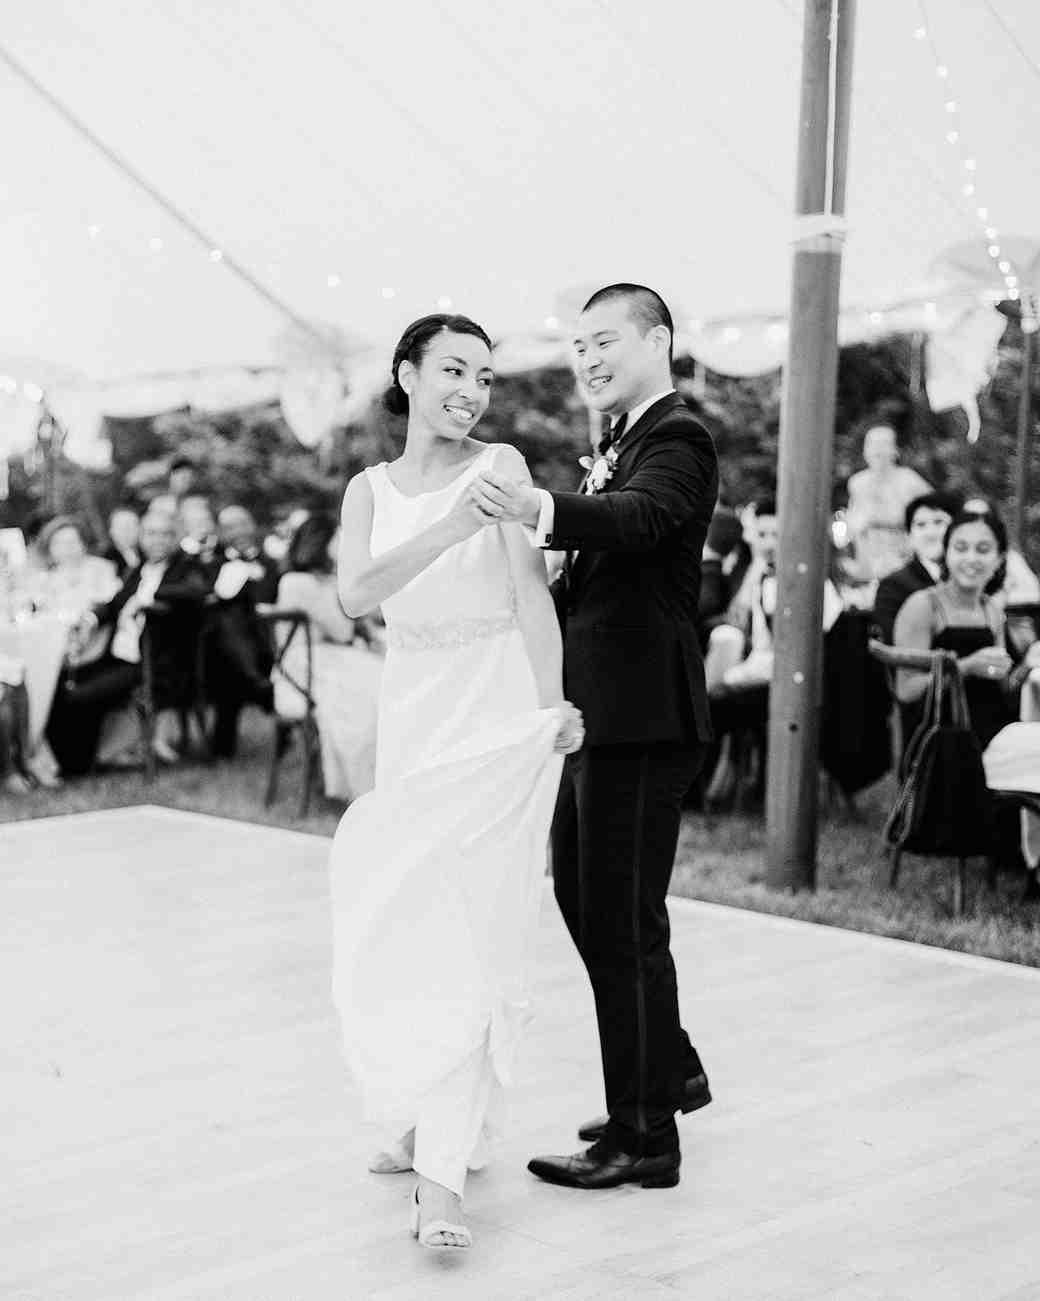 pillar paul wedding first dance